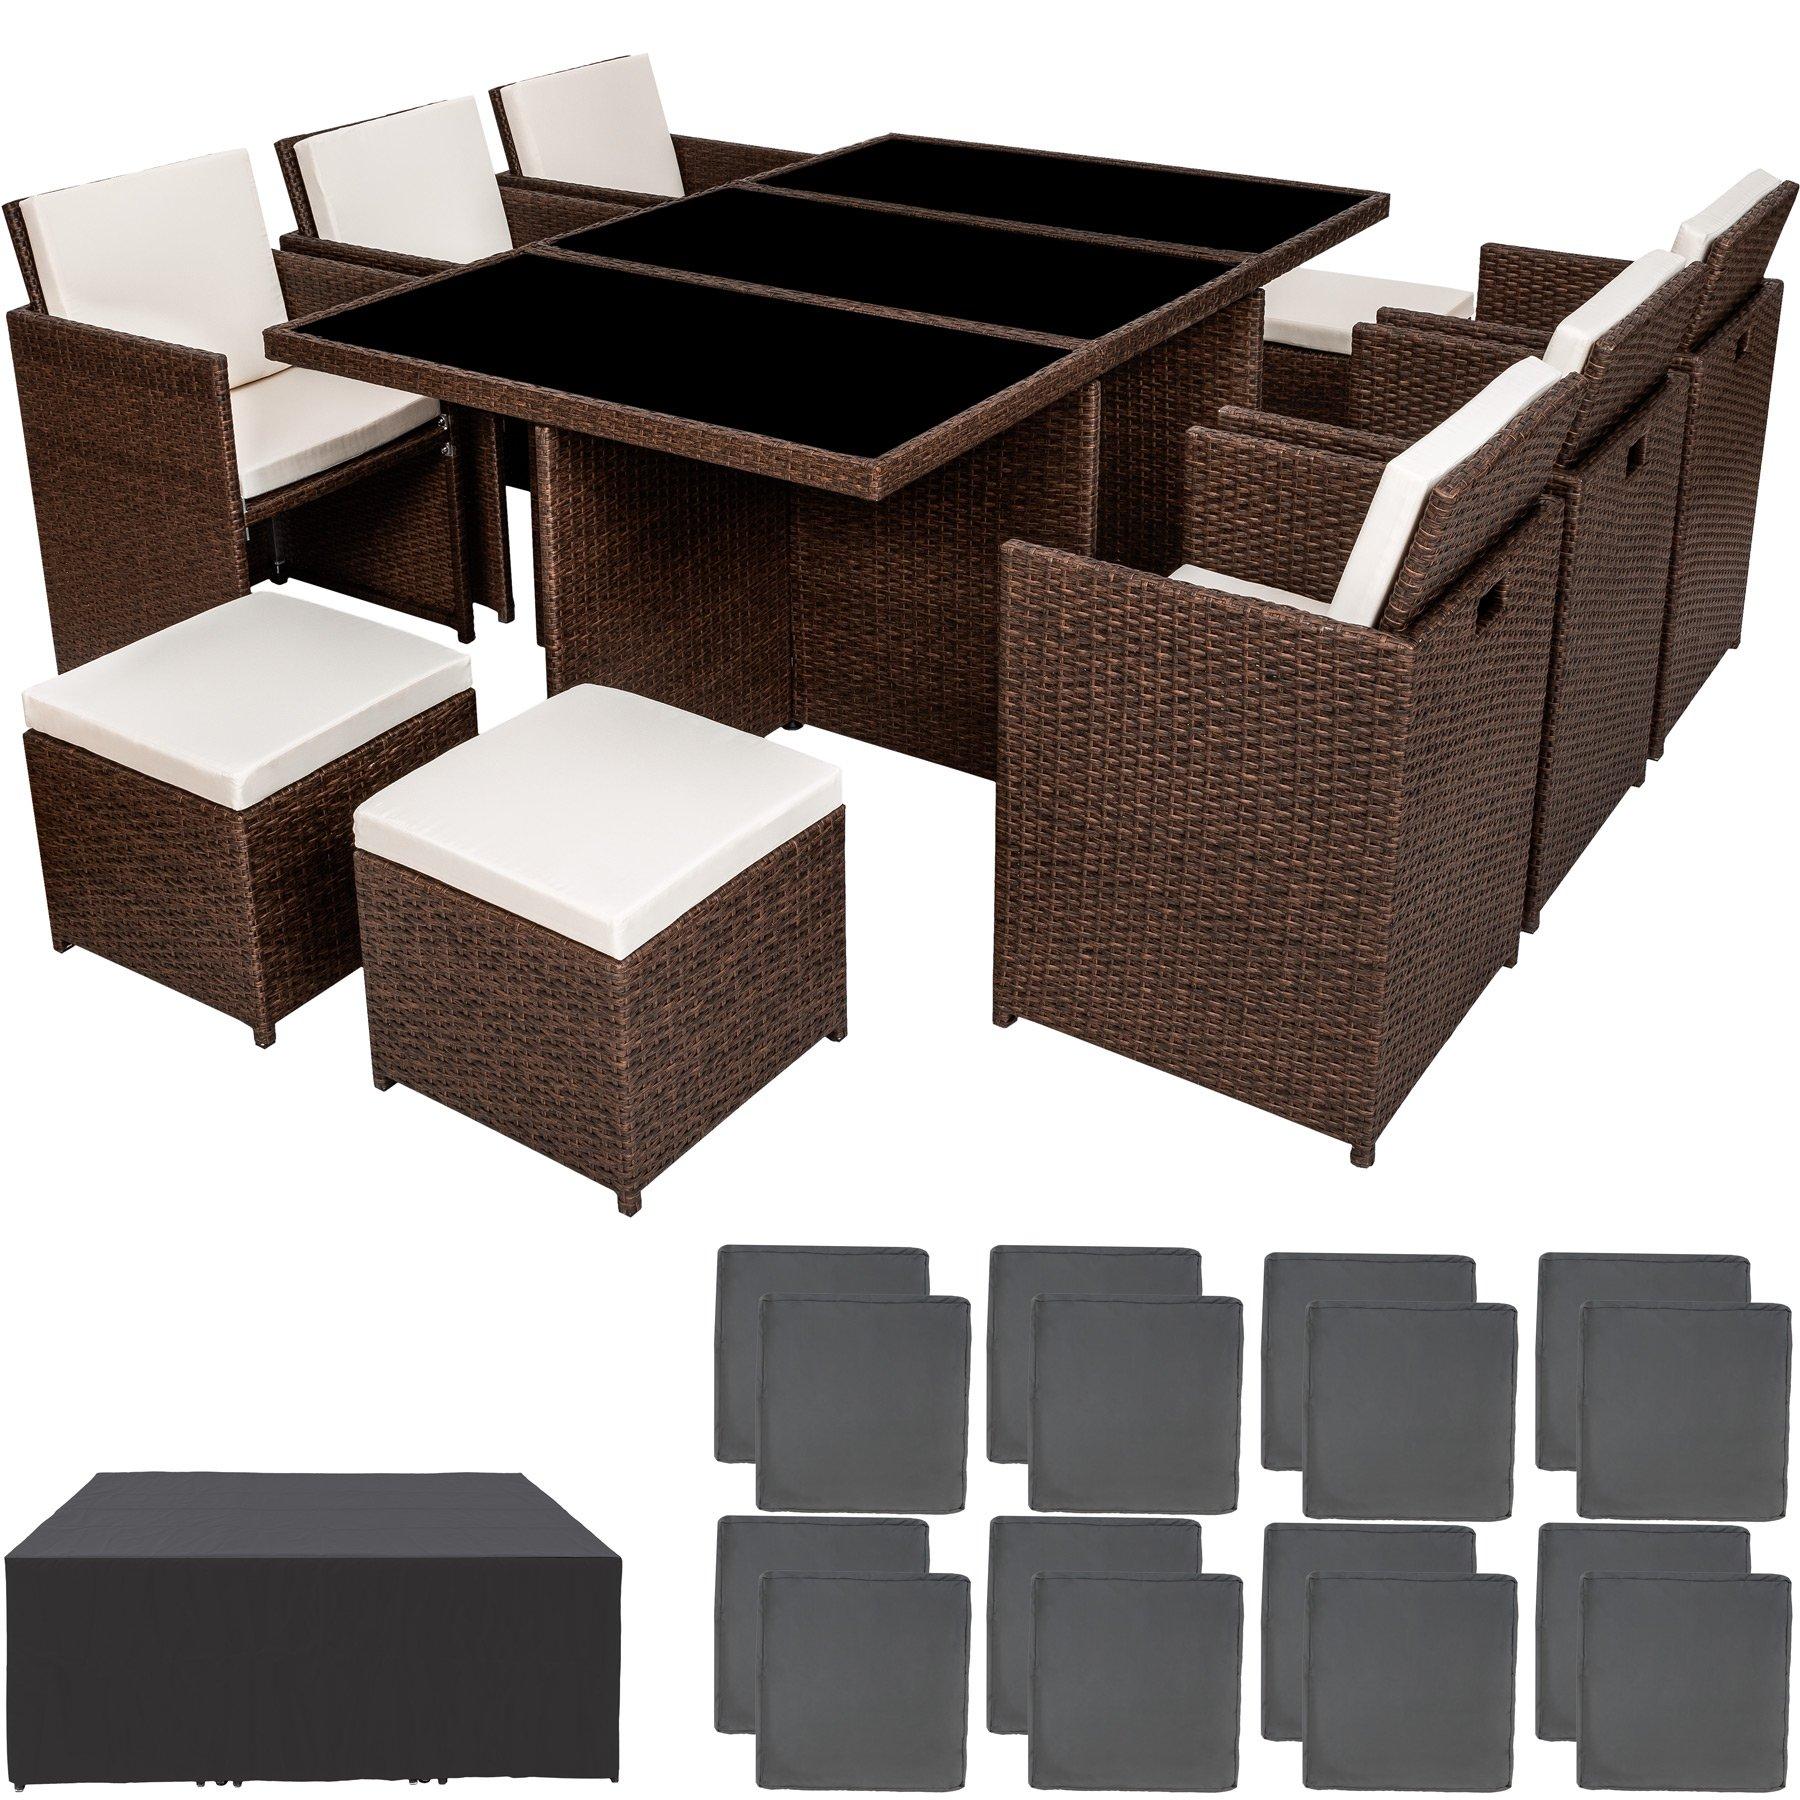 TecTake Poly ratán aluminio sintético muebles de jardín comedor juego 6+4+1 + funda completa + set de fundas intercambiables - disponible en diferentes colores - (Marrón antiguo): Amazon.es: Hogar